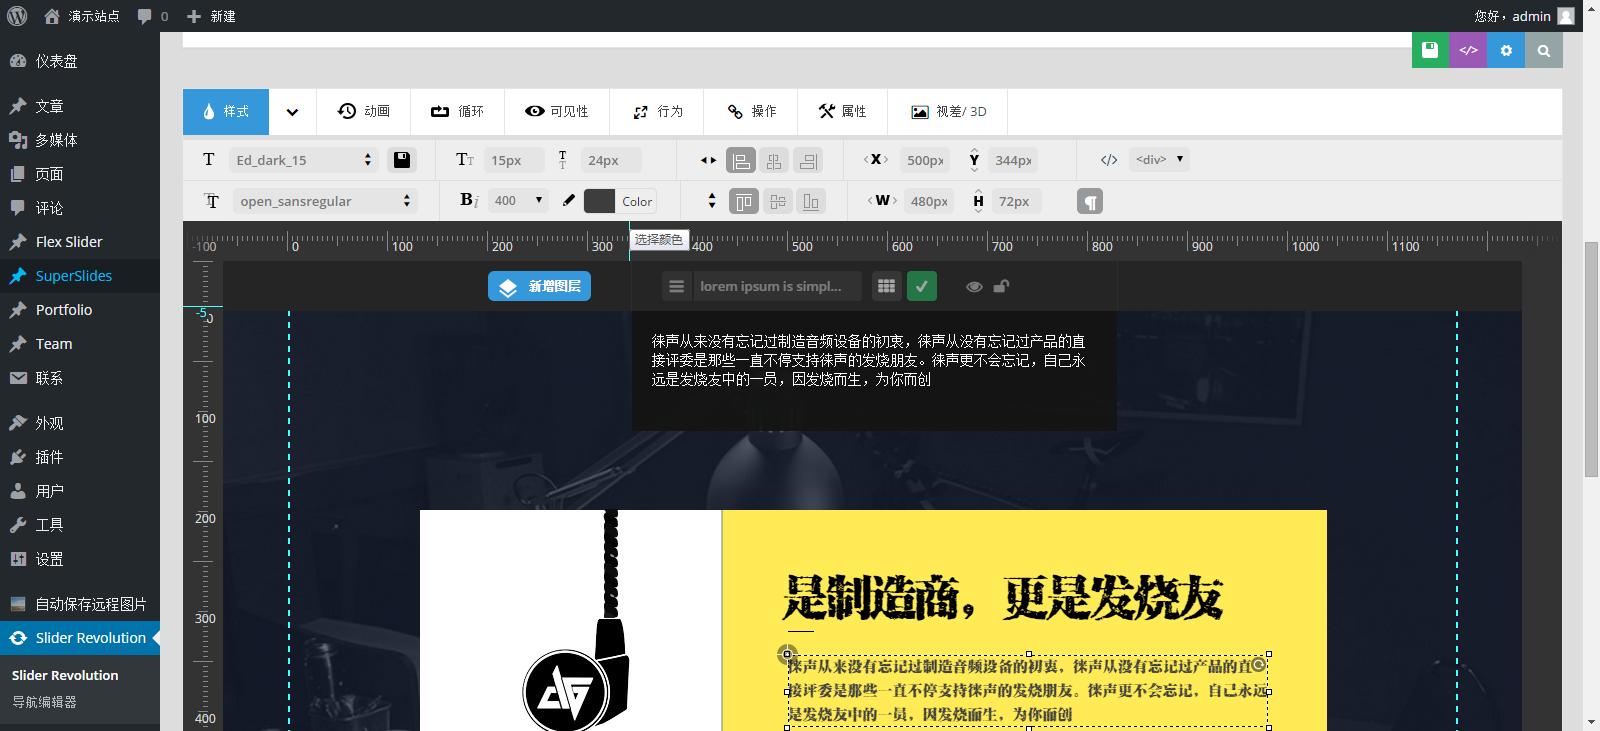 WordPress可视化幻灯片插件—Slider revolution汉化版 WordPress插件-第1张